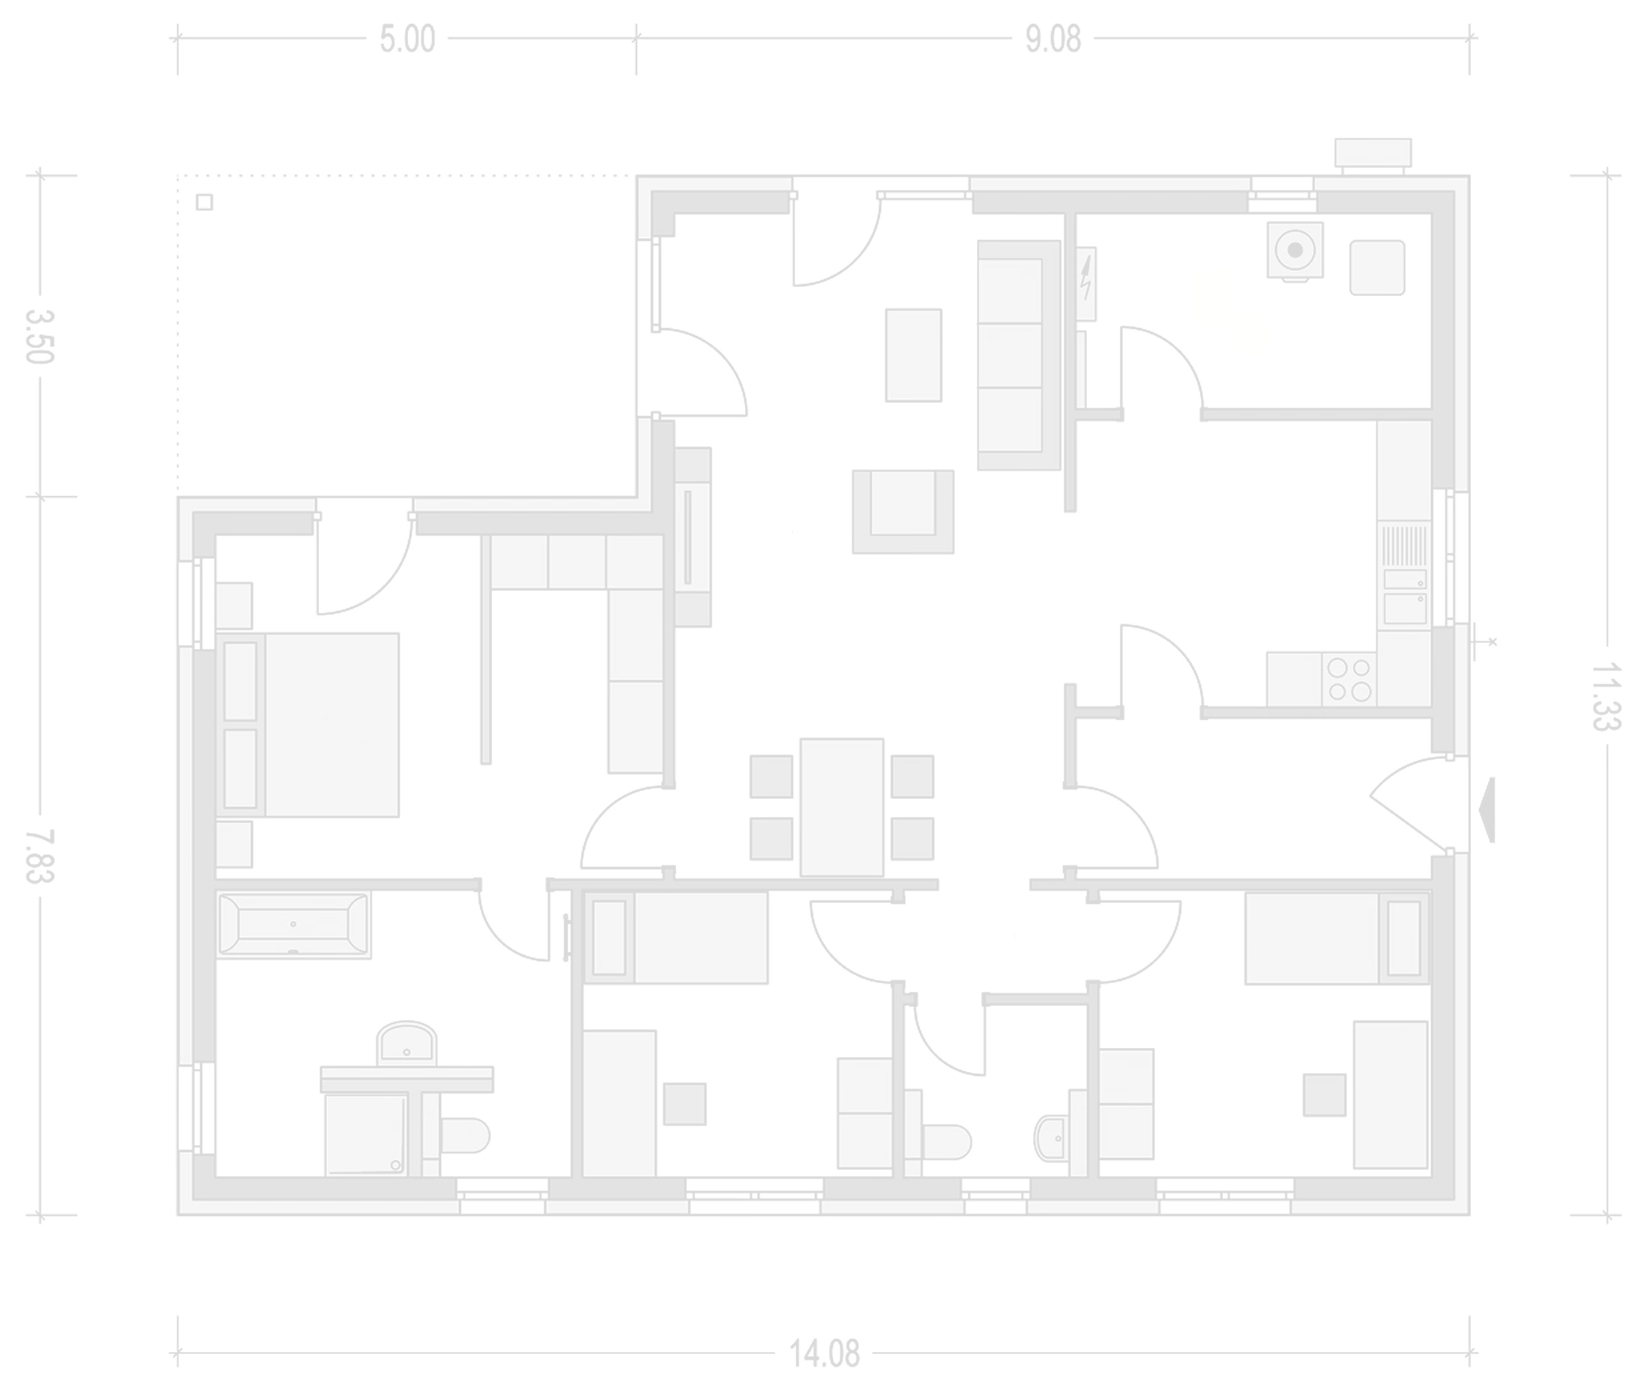 Planimetria della costruzione Casa in Legno modello Casa in bioedilizia costruita su progetto /Novara (NO) di Sangallo S.r.l.